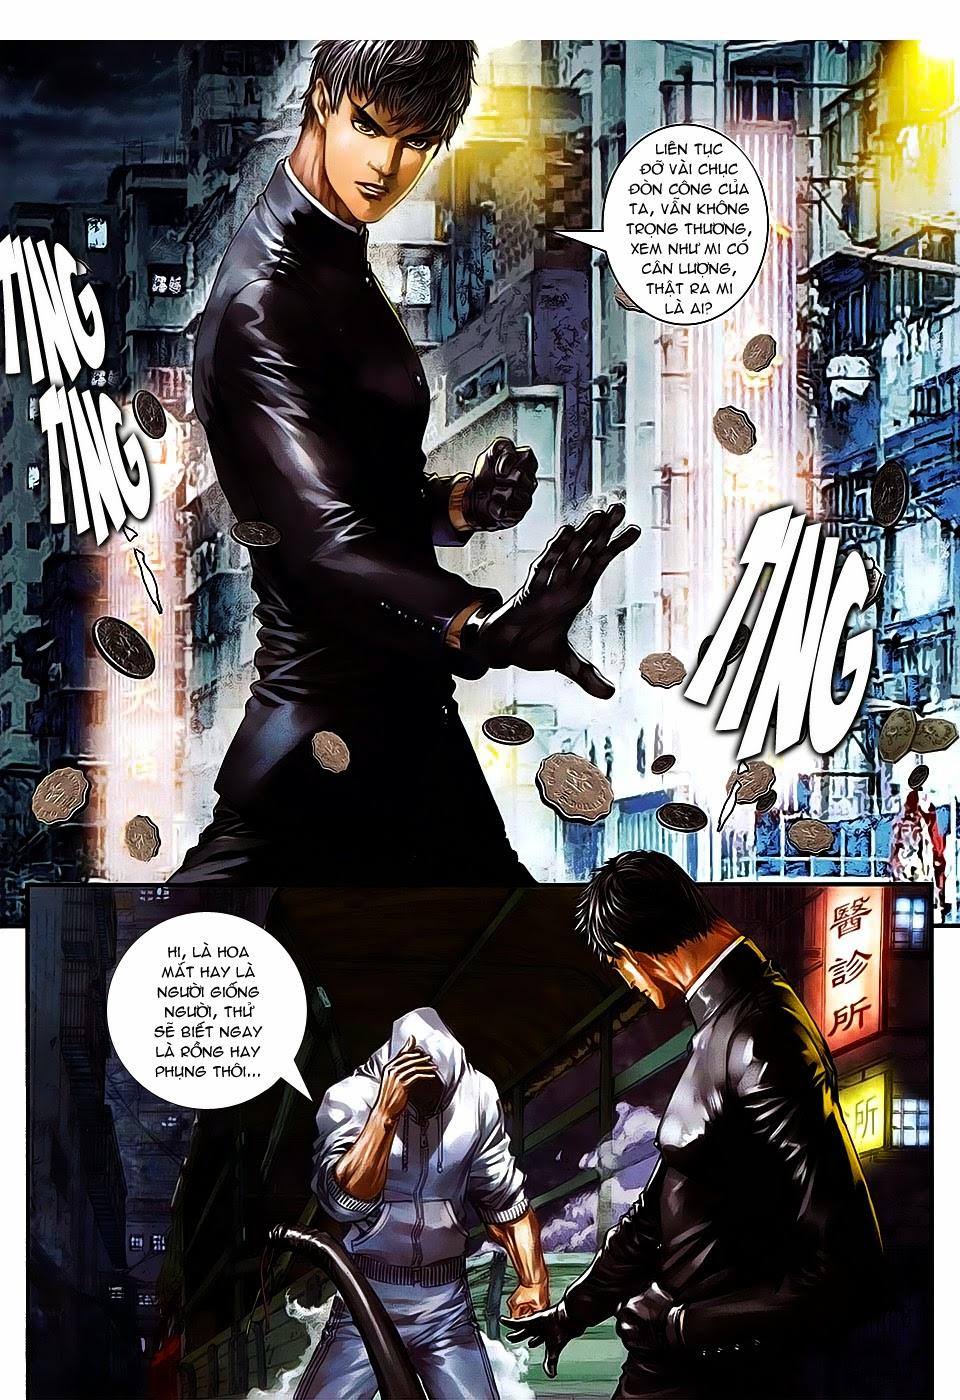 Quyền Đạo chapter 8 trang 28